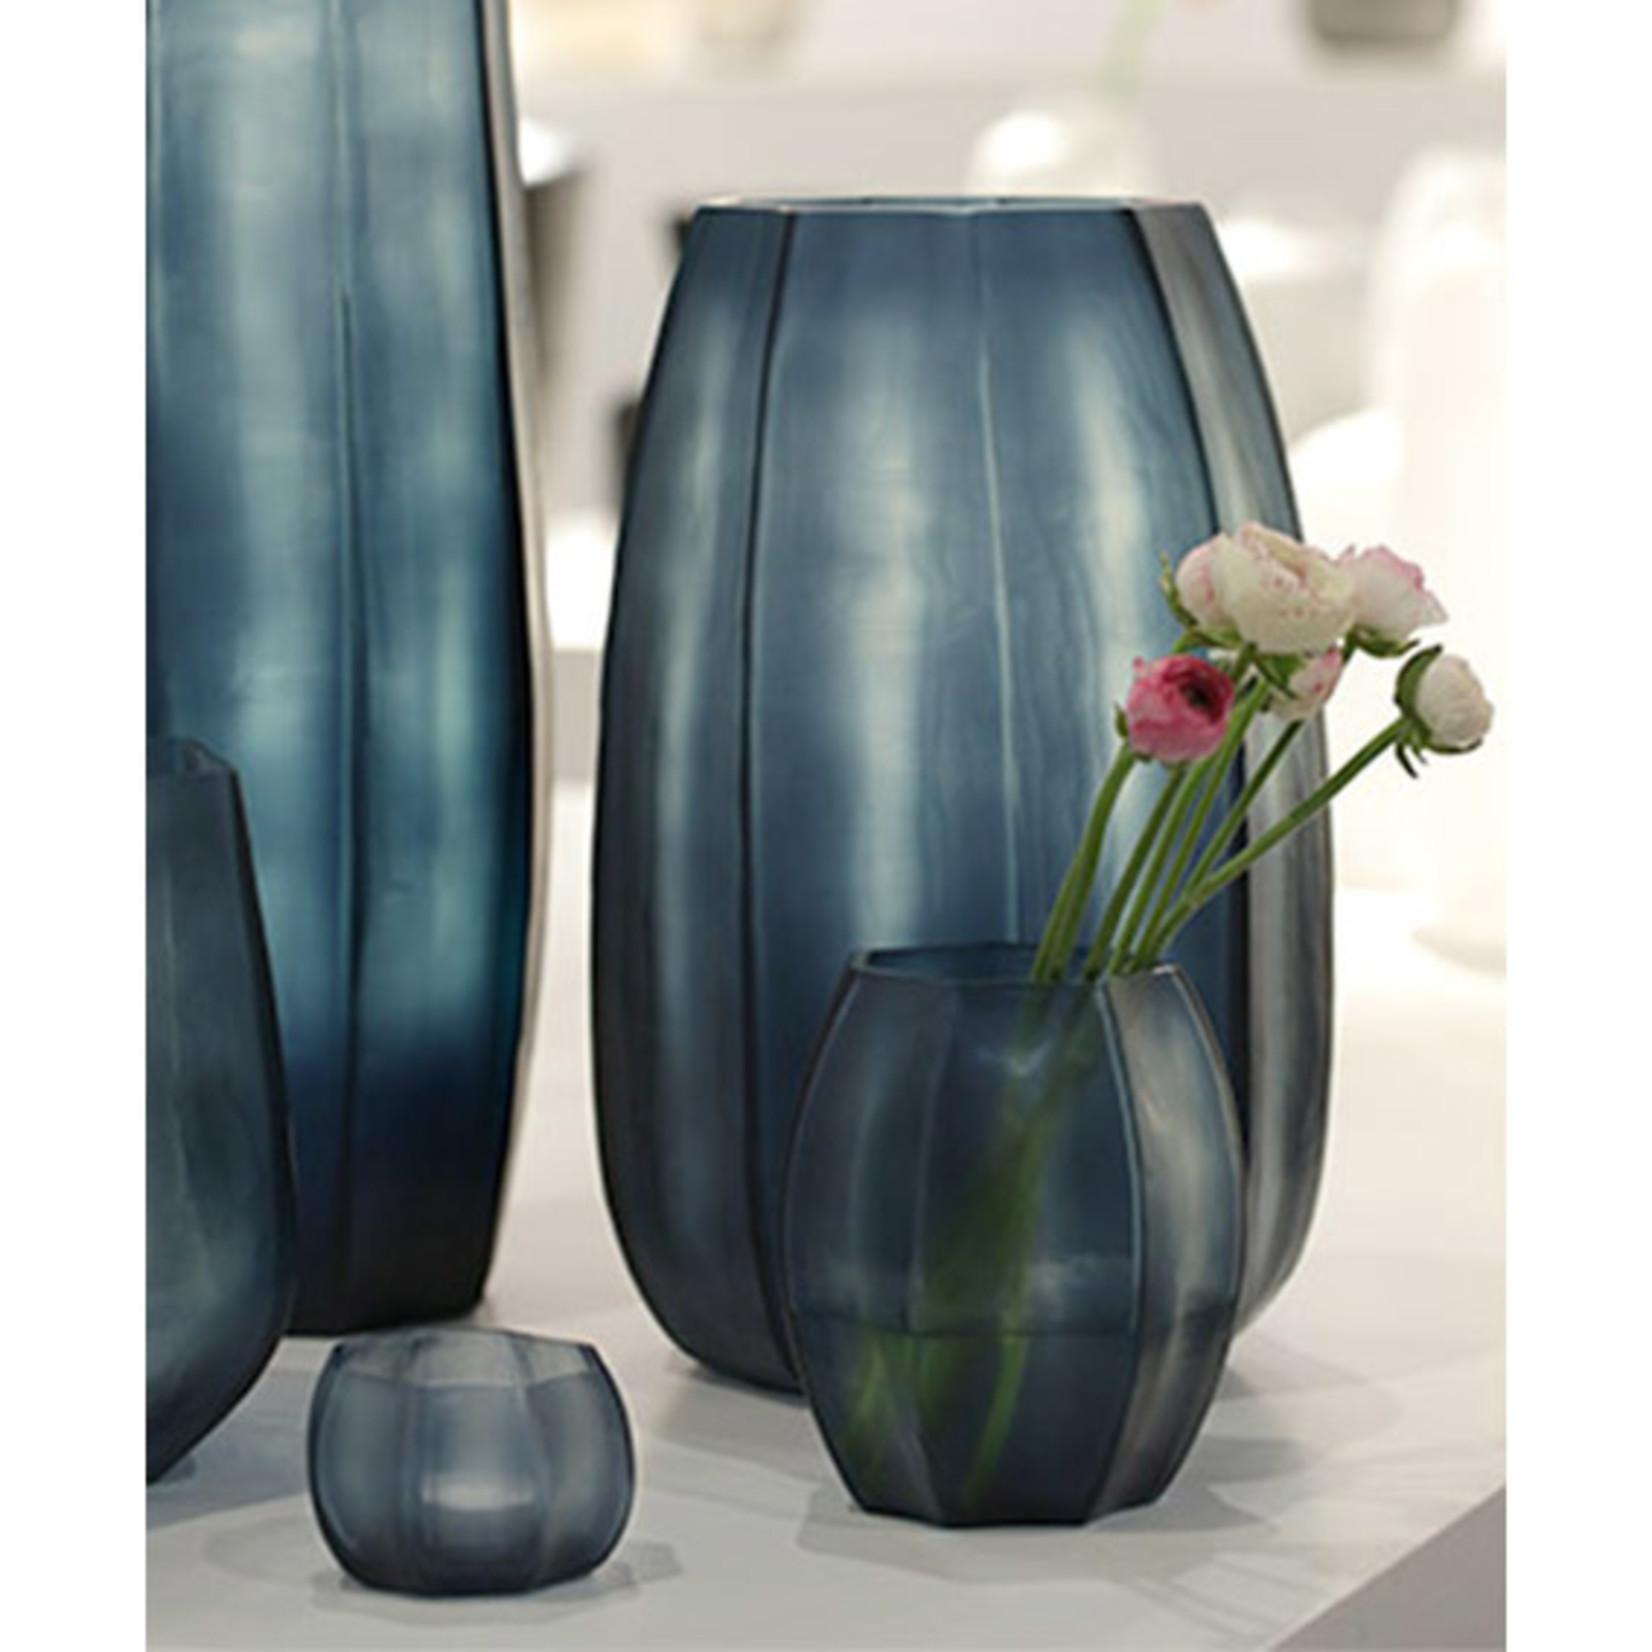 Guaxs Vase Koonam XL | Ocean Blue / Indigo